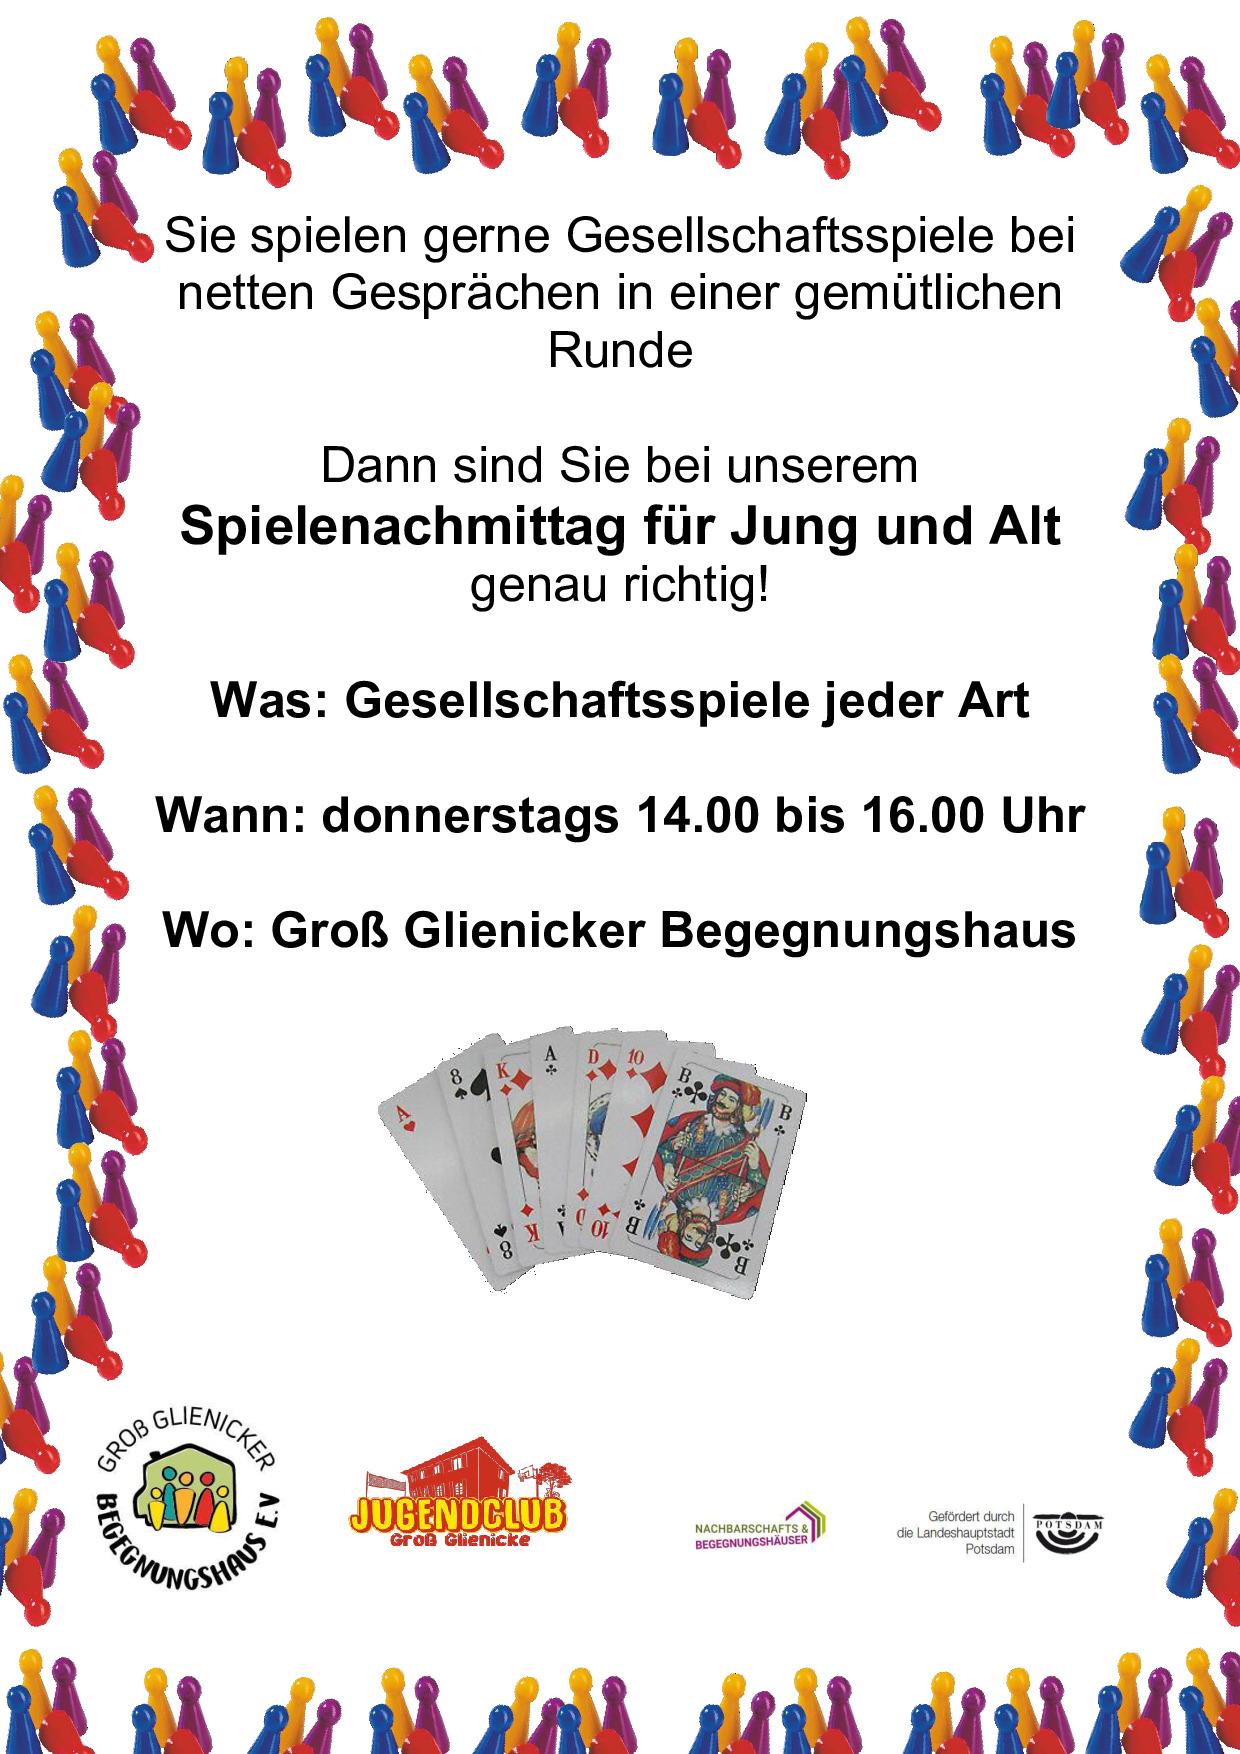 Spielenachmittag Für Jung & Alt